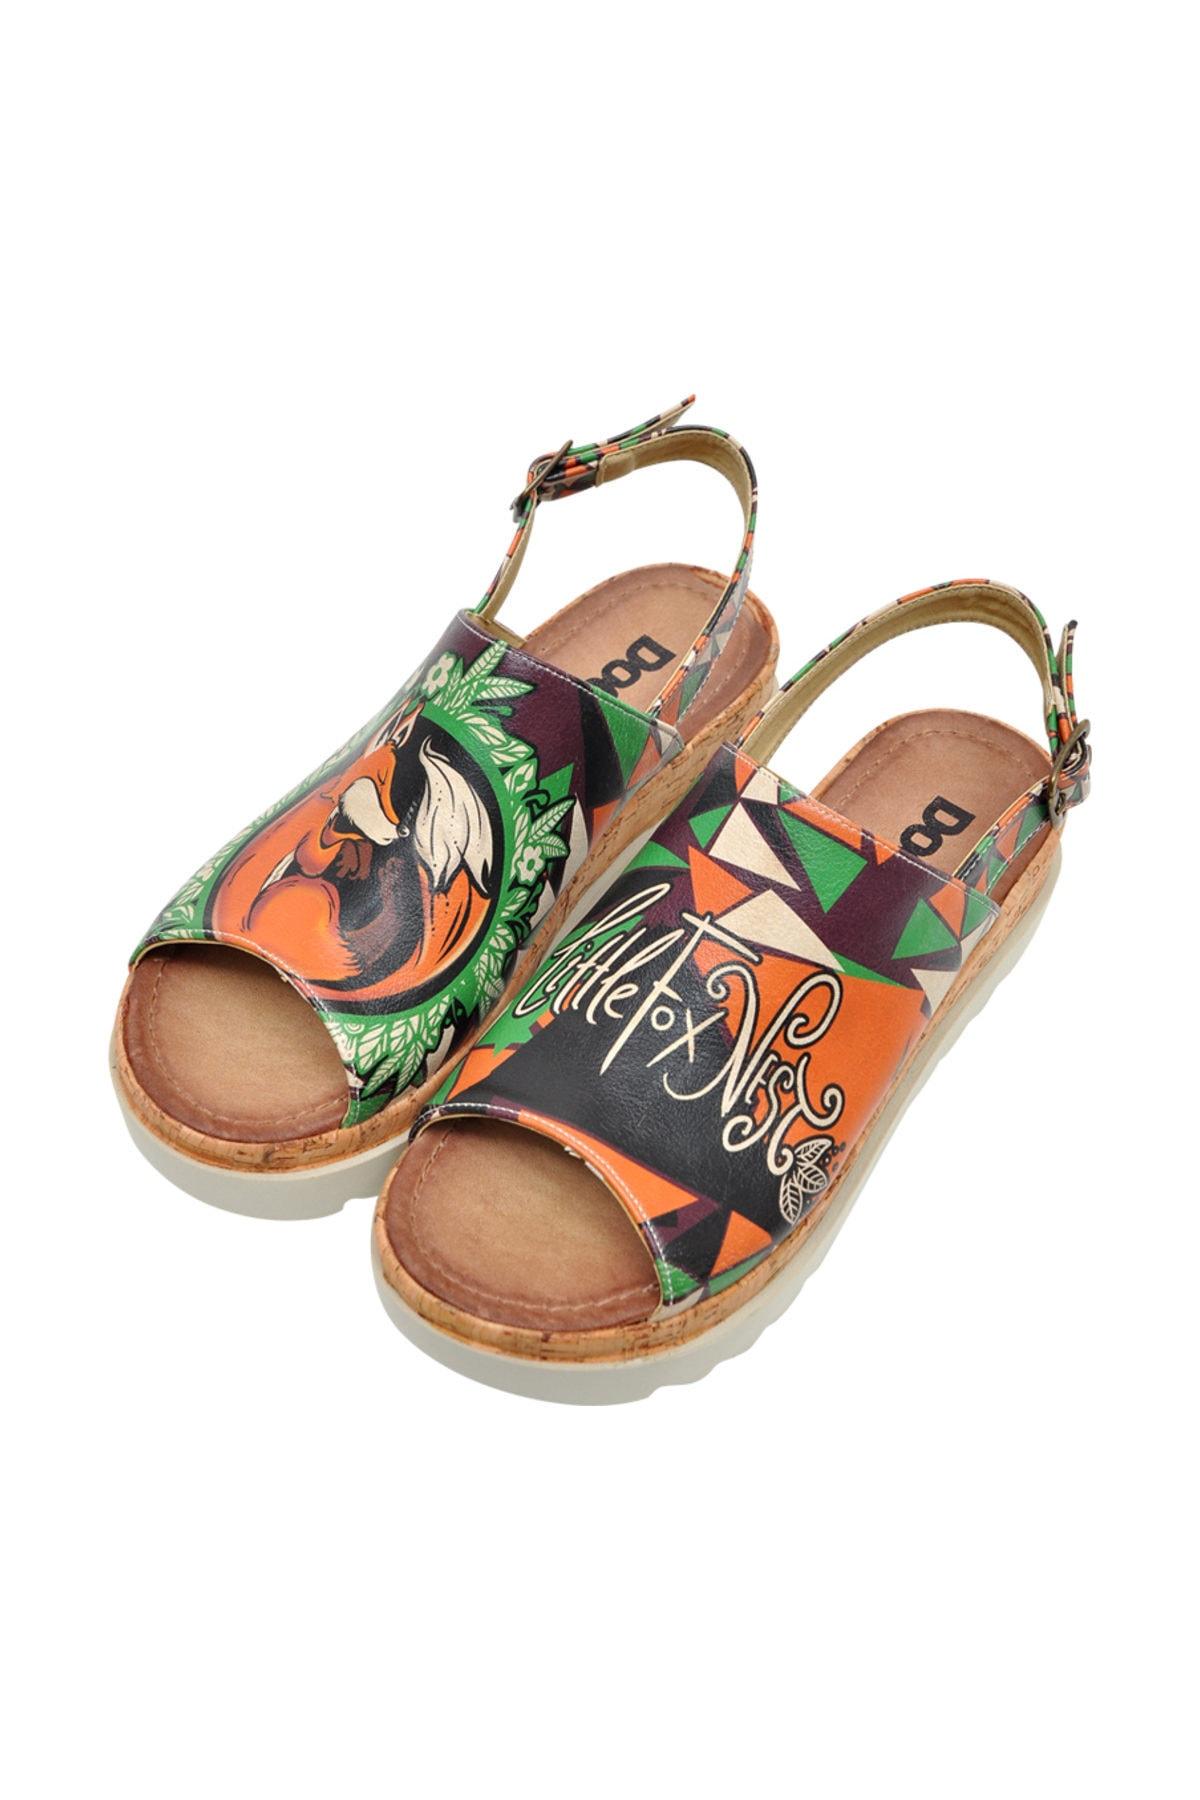 Dogo Little Fox Nest Kadın Kalın Tabanlı Düz Sandalet dgs019-gg011 2